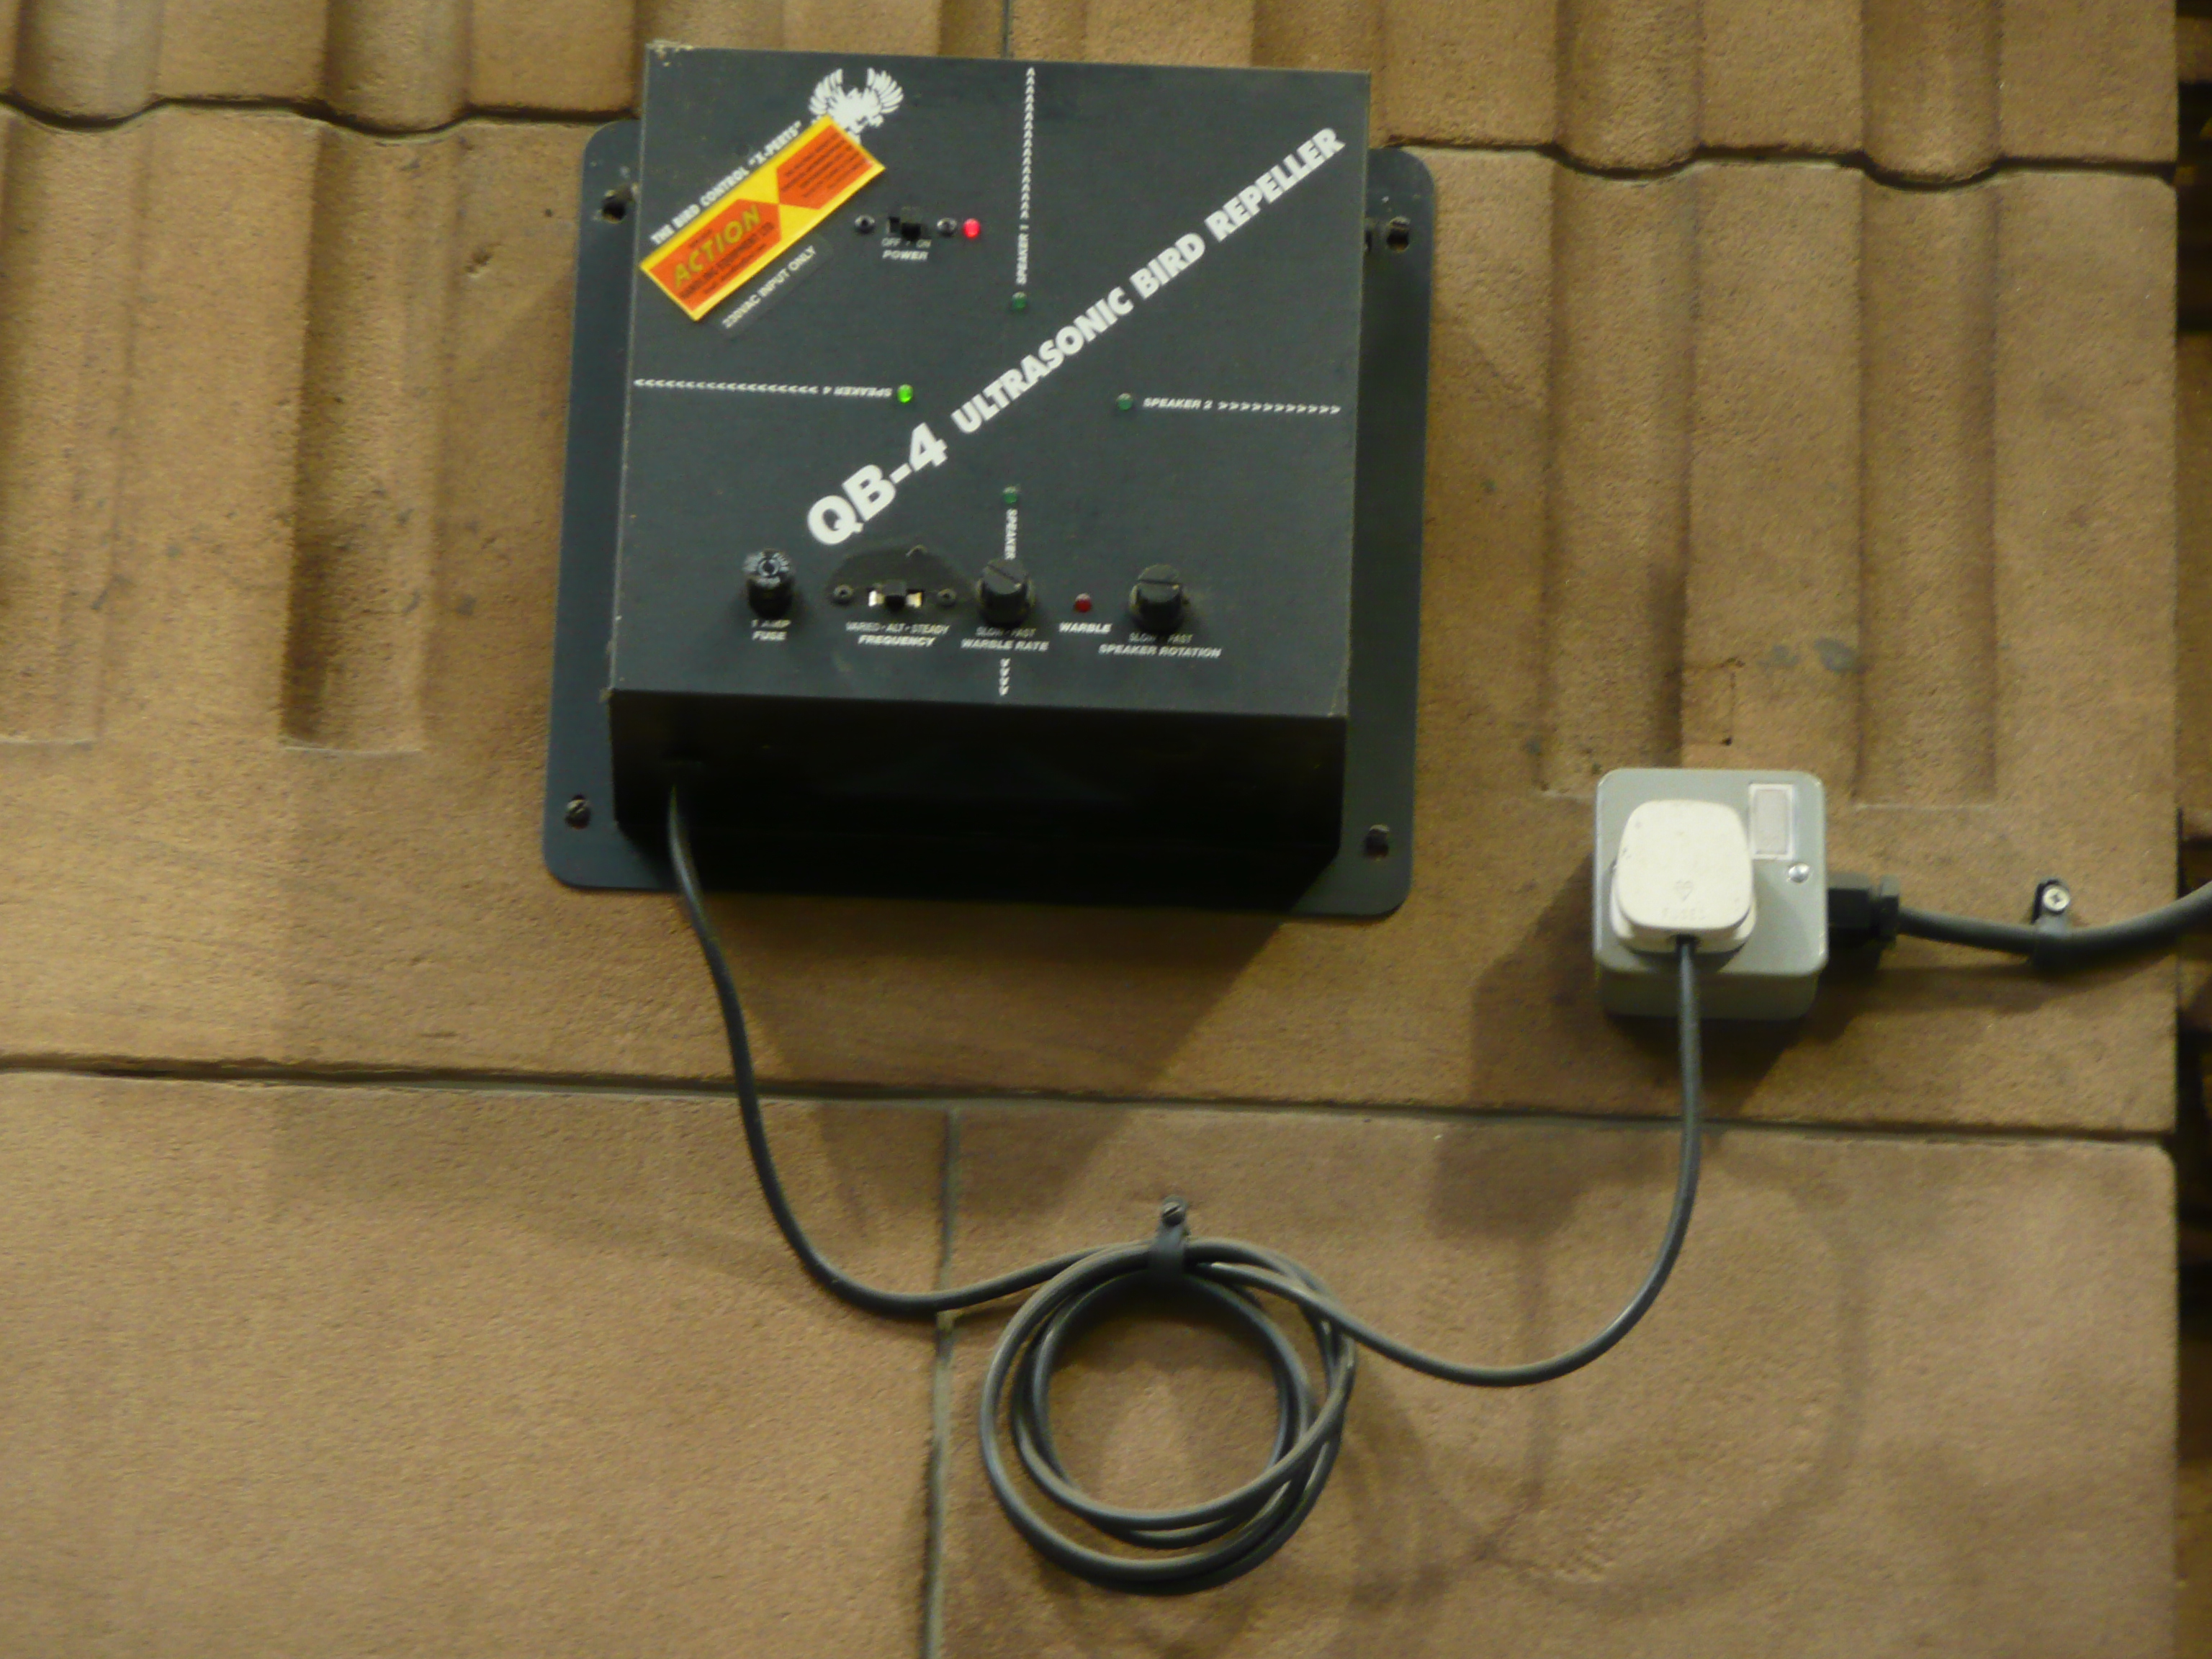 File:Ultrasonic bird repeller 1160578 JPG - Wikimedia Commons